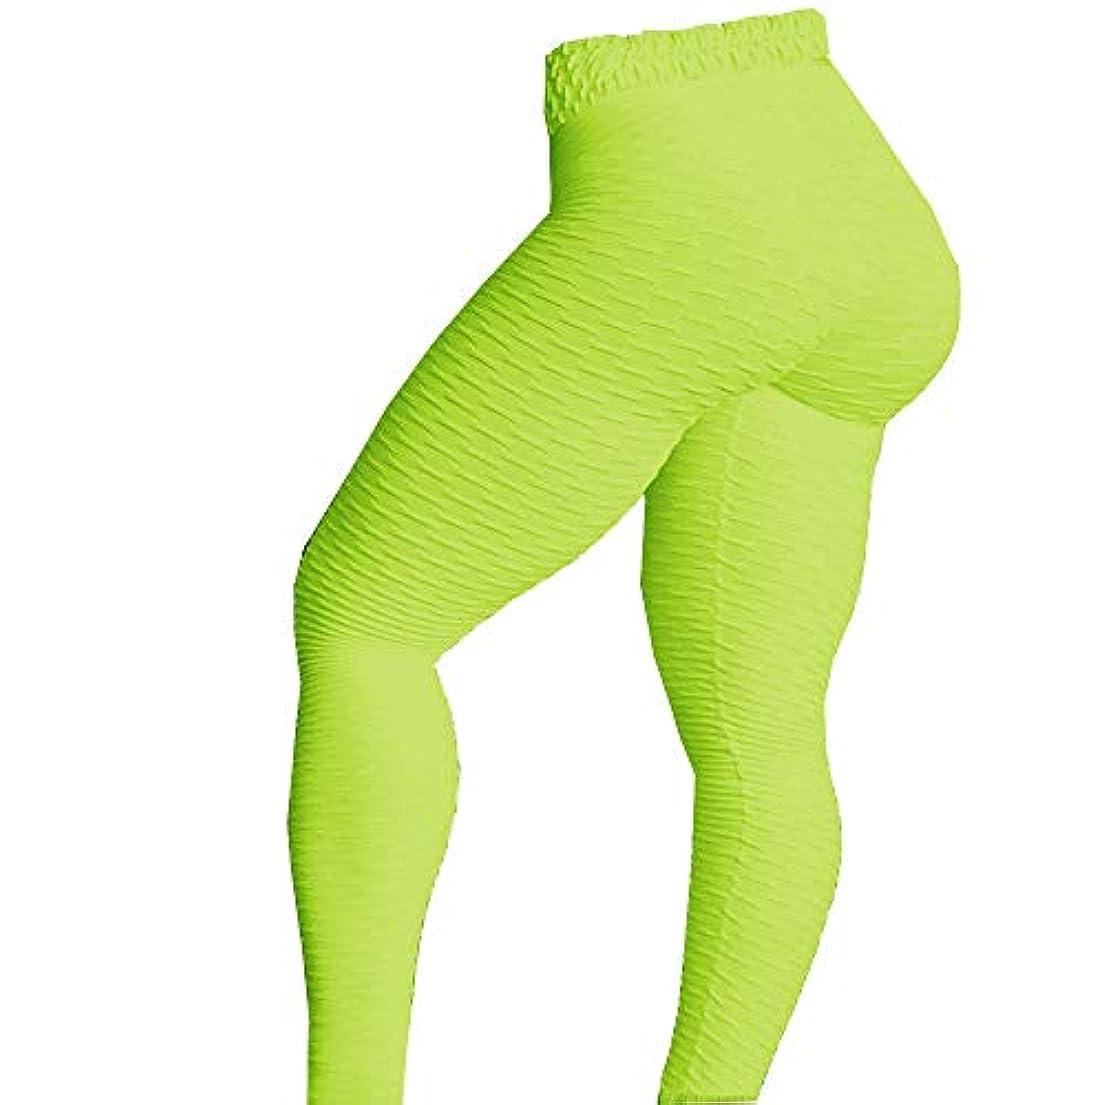 印象聡明写真を描くMIFAN パンツ女性、ハイウエストパンツ、スキニーパンツ、ヨガレギンス、女性のズボン、ランニングパンツ、スポーツウェア